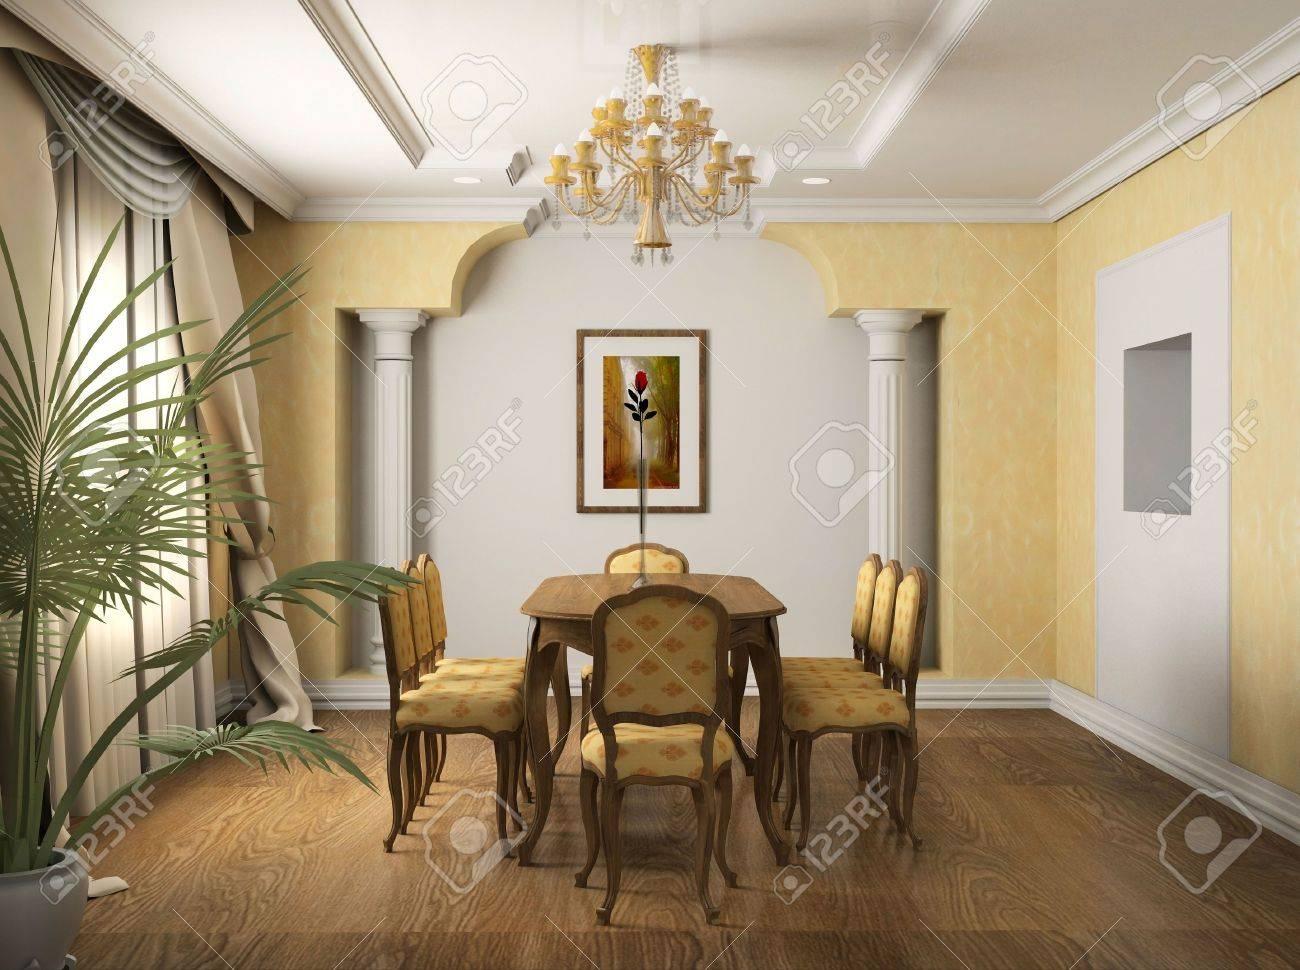 Clásico diseño interior del comedor. 3D render